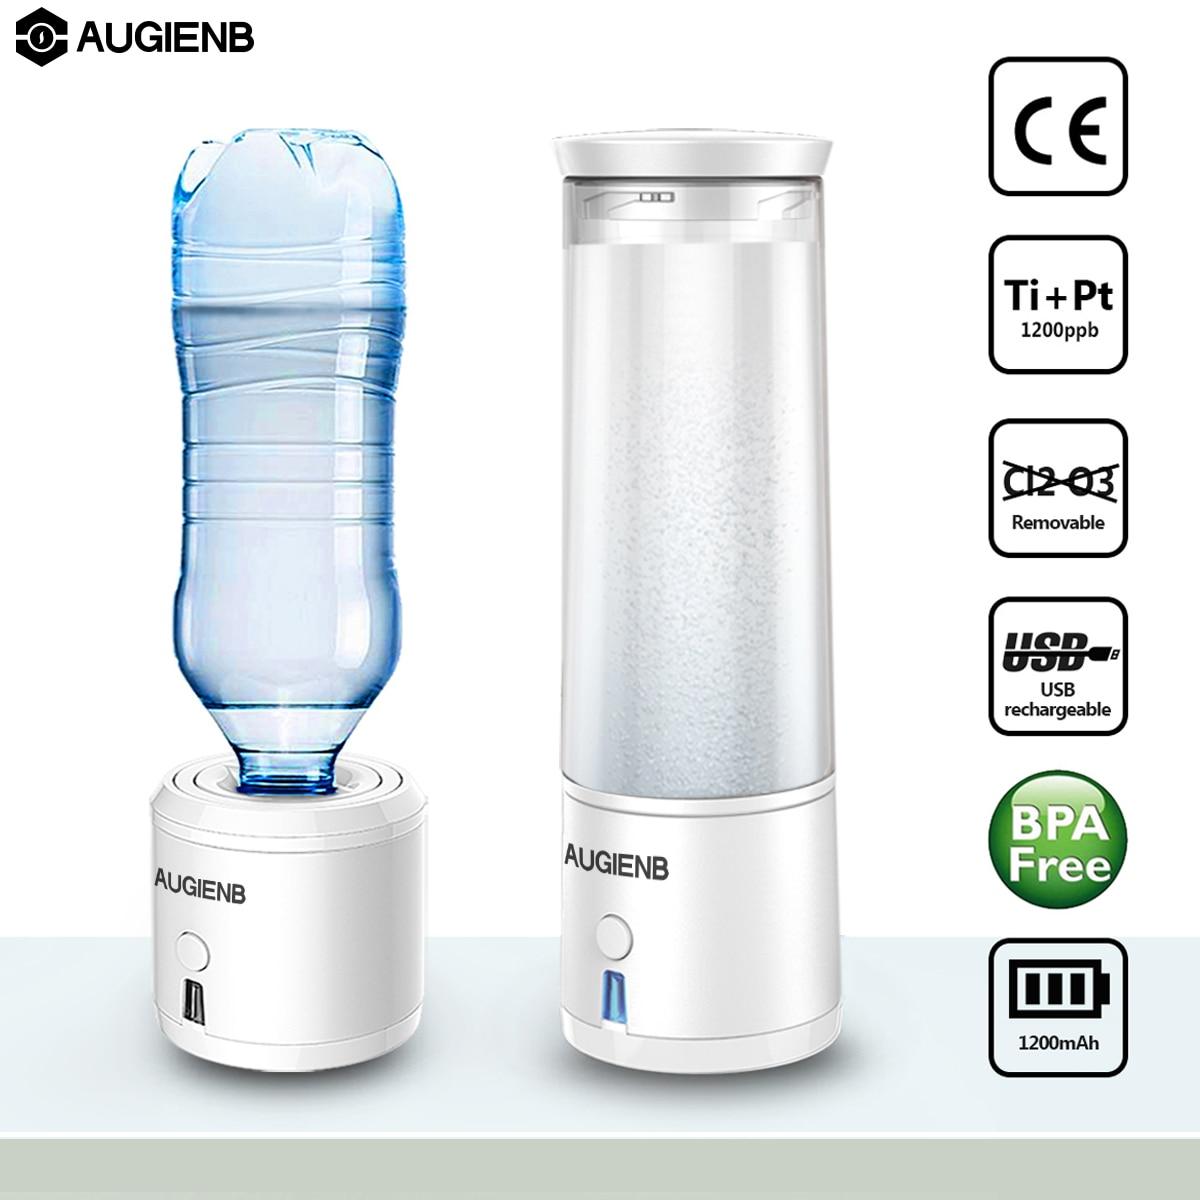 AUGIENB SPE/PEM Membrana H2 Ricco di Idrogeno Bottiglia di Acqua Elettrolisi Ionizzatore Generatore USB Ricaricabile di rimozione O3 CL2